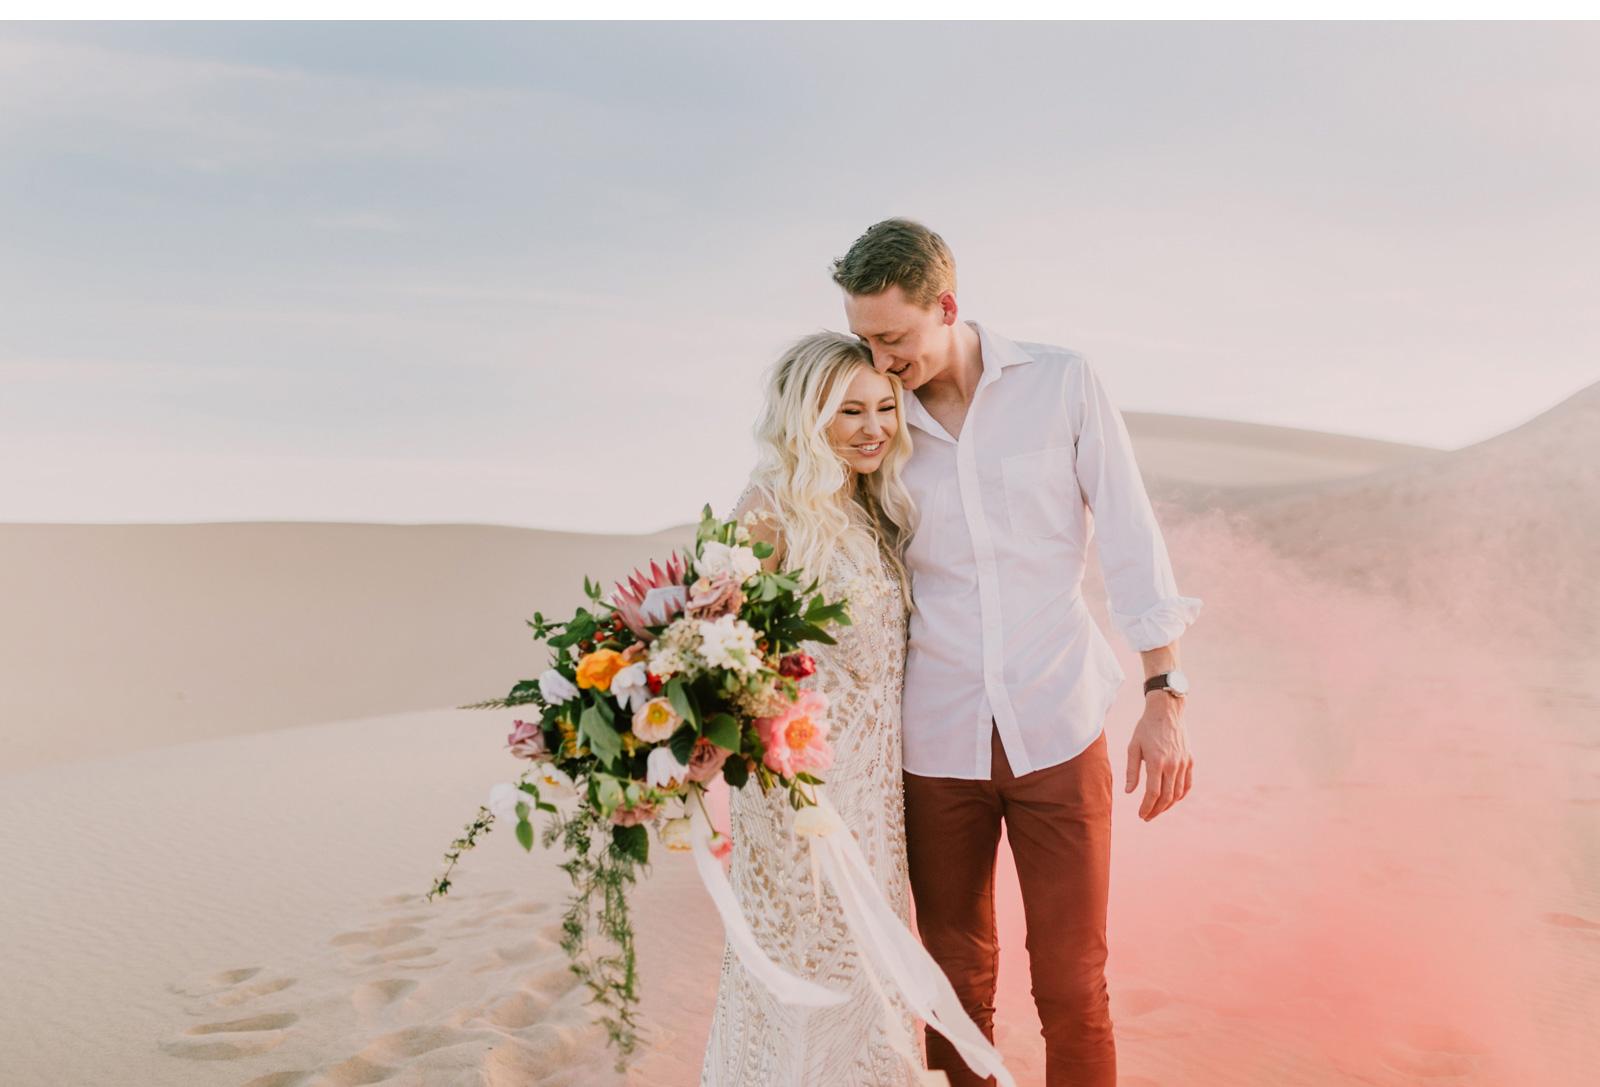 Adventure-Wedding-Green-Wedding-Shoes-Natalie-Schutt-Photography_13.jpg